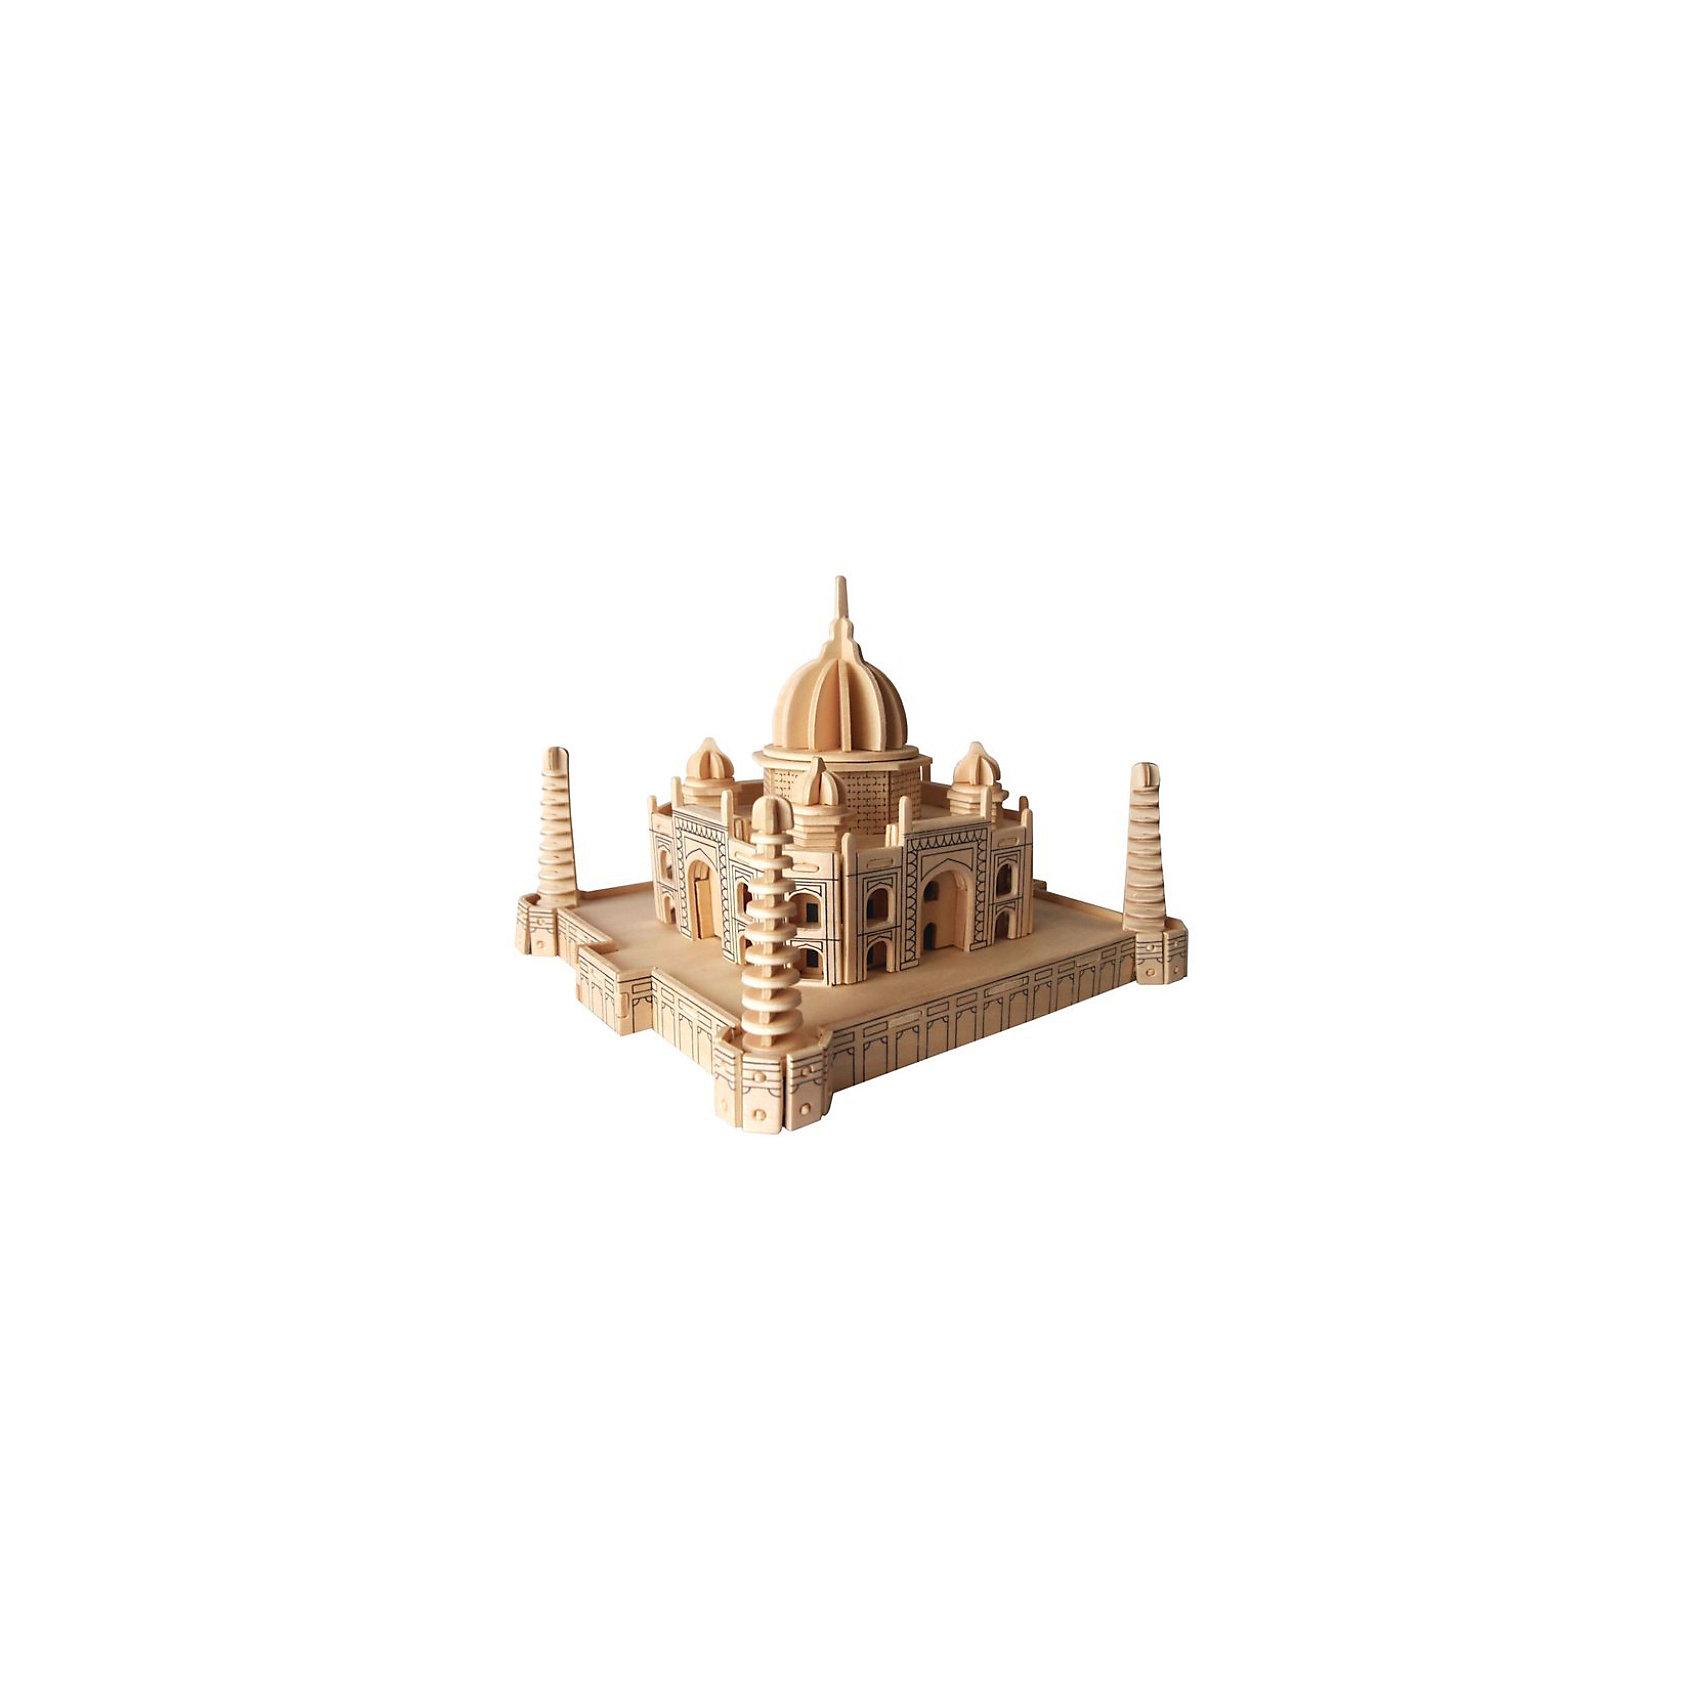 Тадж Махал, Мир деревянных игрушекДеревянные конструкторы<br>Интересный вариант подарка для любящего архитектуру творческого ребенка - этот набор, из которого можно самому сделать красивую деревянную фигуру! Для этого нужно выдавить из пластины с деталями элементы для сборки и соединить их. Из наборов получаются красивые очень реалистичные игрушки, которые могут стать украшением комнаты.<br>Собирая их, ребенок будет развивать пространственное мышление, память и мелкую моторику. А раскрашивая готовое произведение, дети научатся подбирать цвета и будут развивать художественные навыки. Этот набор произведен из качественных и безопасных для детей материалов - дерево тщательно обработано.<br><br>Дополнительная информация:<br><br>материал: дерево;<br>цвет: бежевый;<br>элементы: пластины с деталями для сборки, схема сборки;<br>размер упаковки: 23 х 37 см.<br><br>3D-пазл Тадж Махал от бренда Мир деревянных игрушек можно купить в нашем магазине.<br><br>Ширина мм: 350<br>Глубина мм: 50<br>Высота мм: 225<br>Вес г: 450<br>Возраст от месяцев: 36<br>Возраст до месяцев: 144<br>Пол: Унисекс<br>Возраст: Детский<br>SKU: 4969180